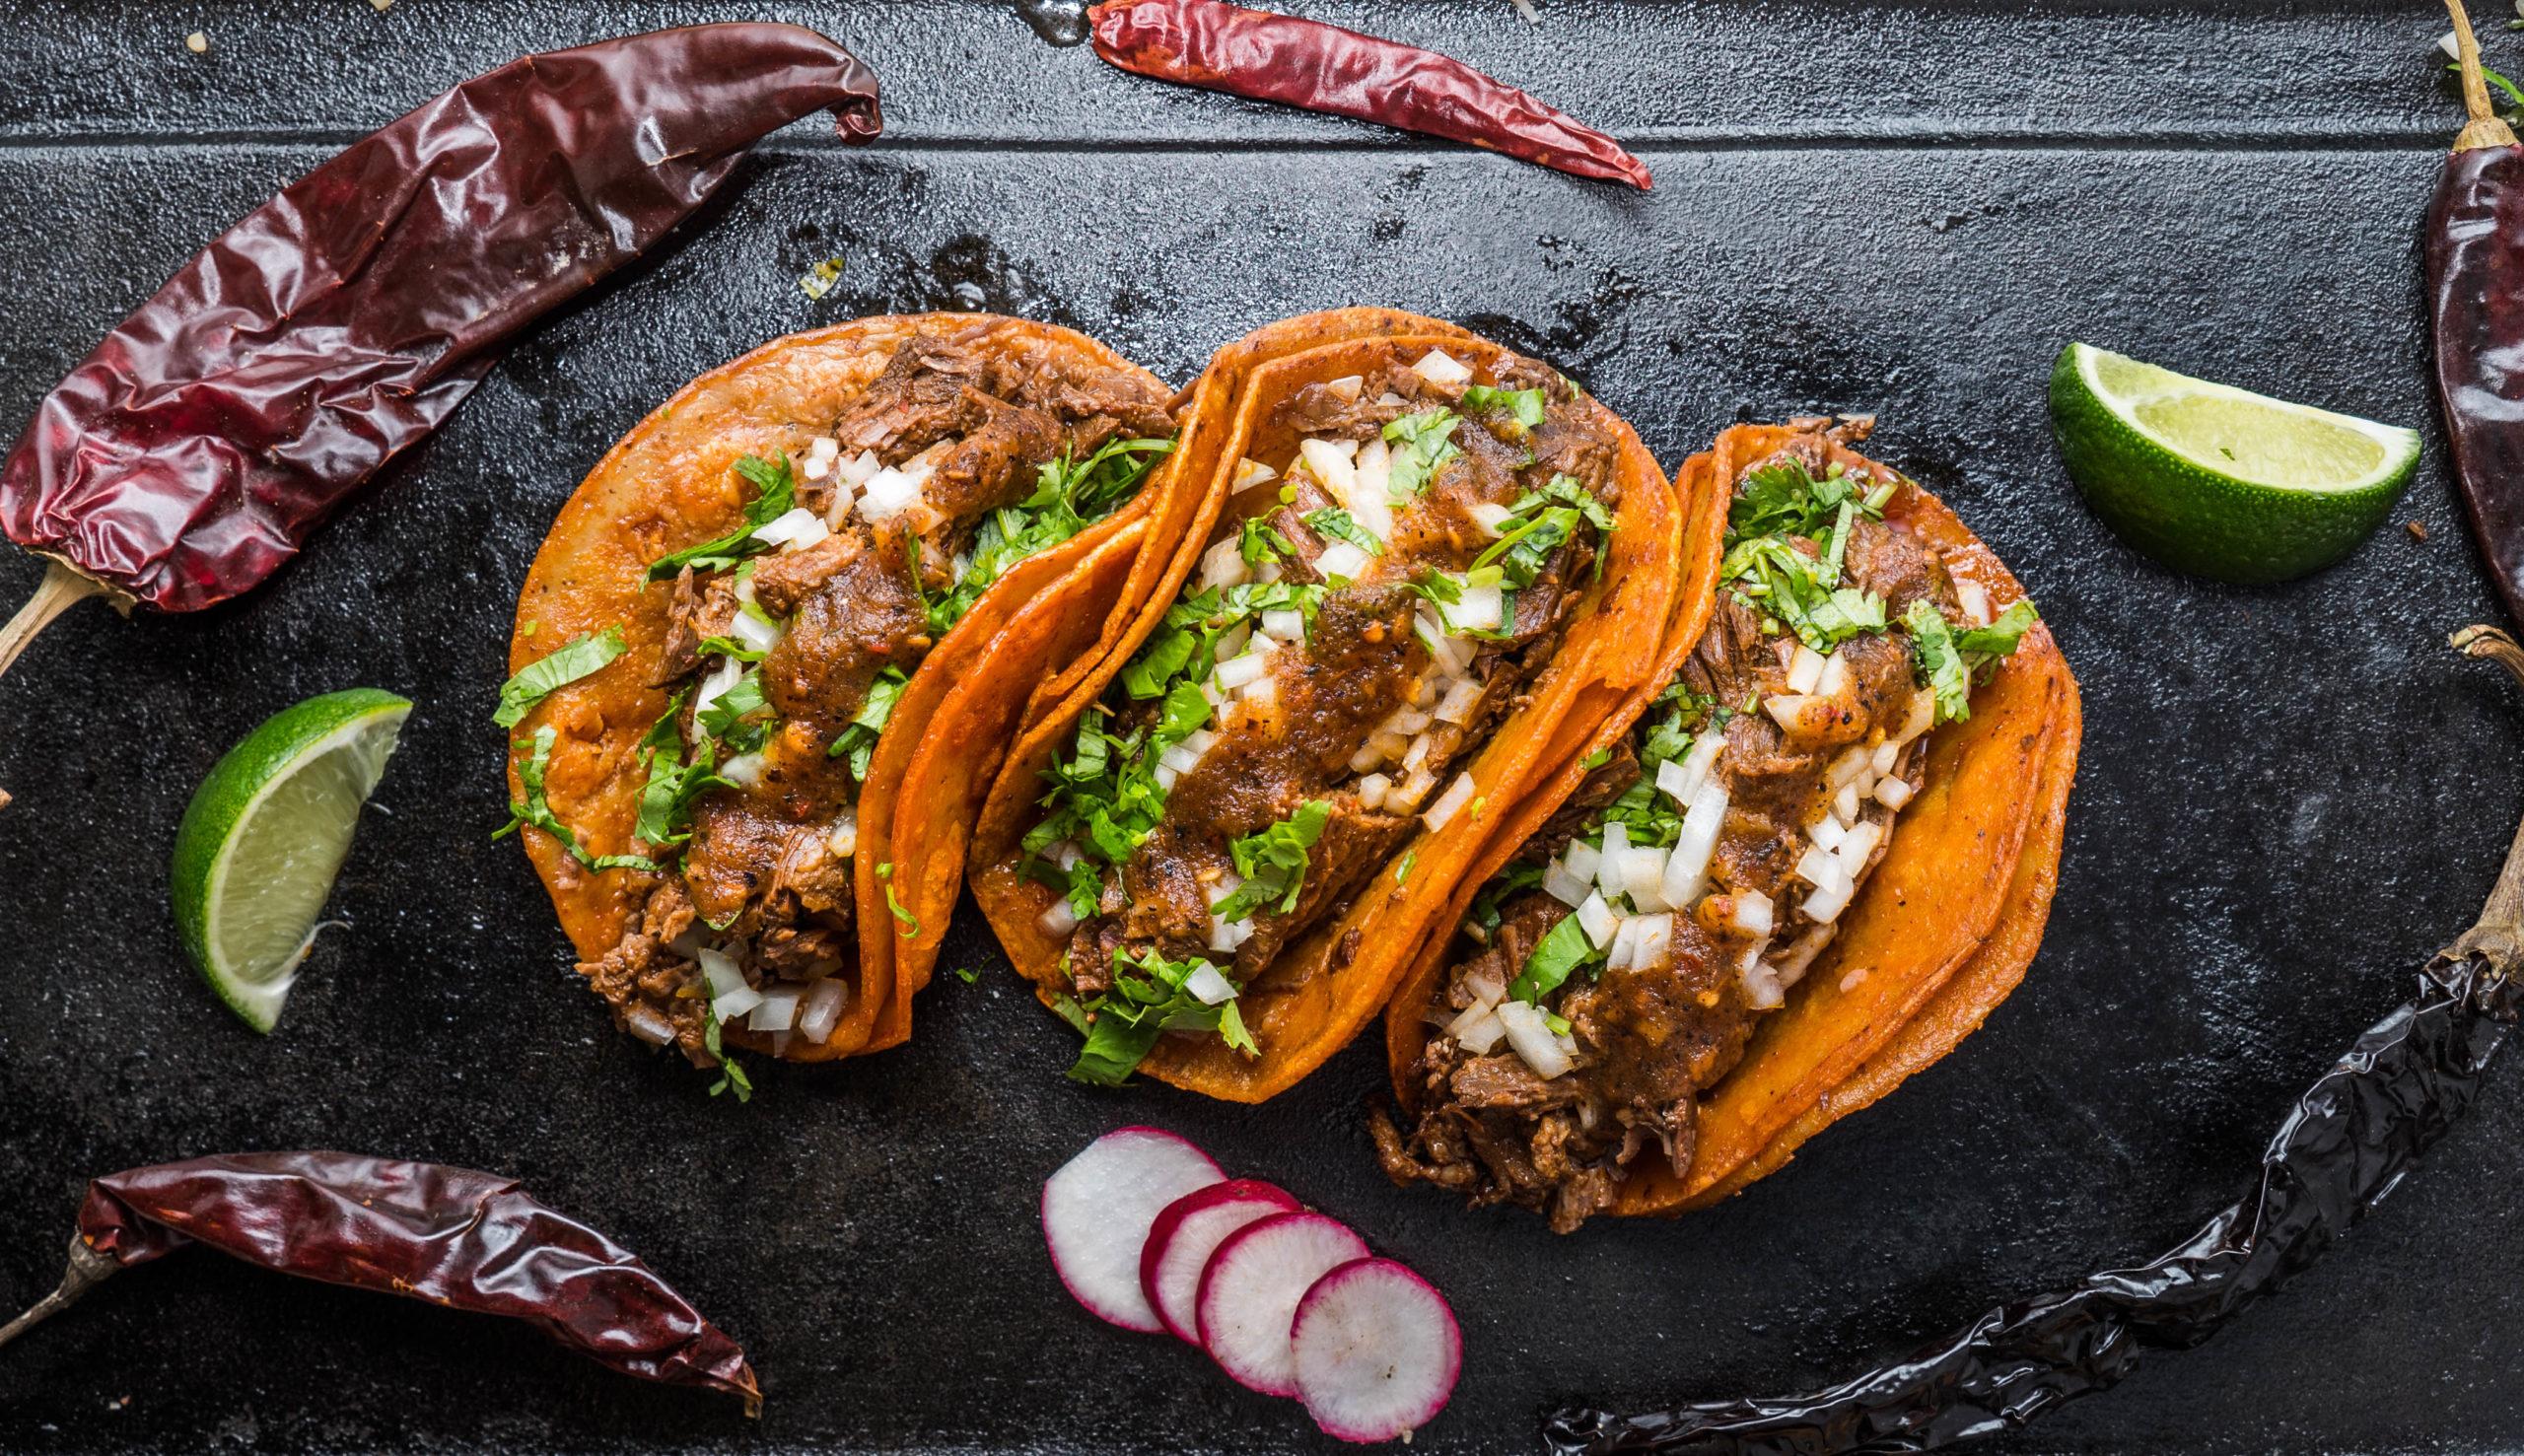 El Toro Rojo food truck Tacos